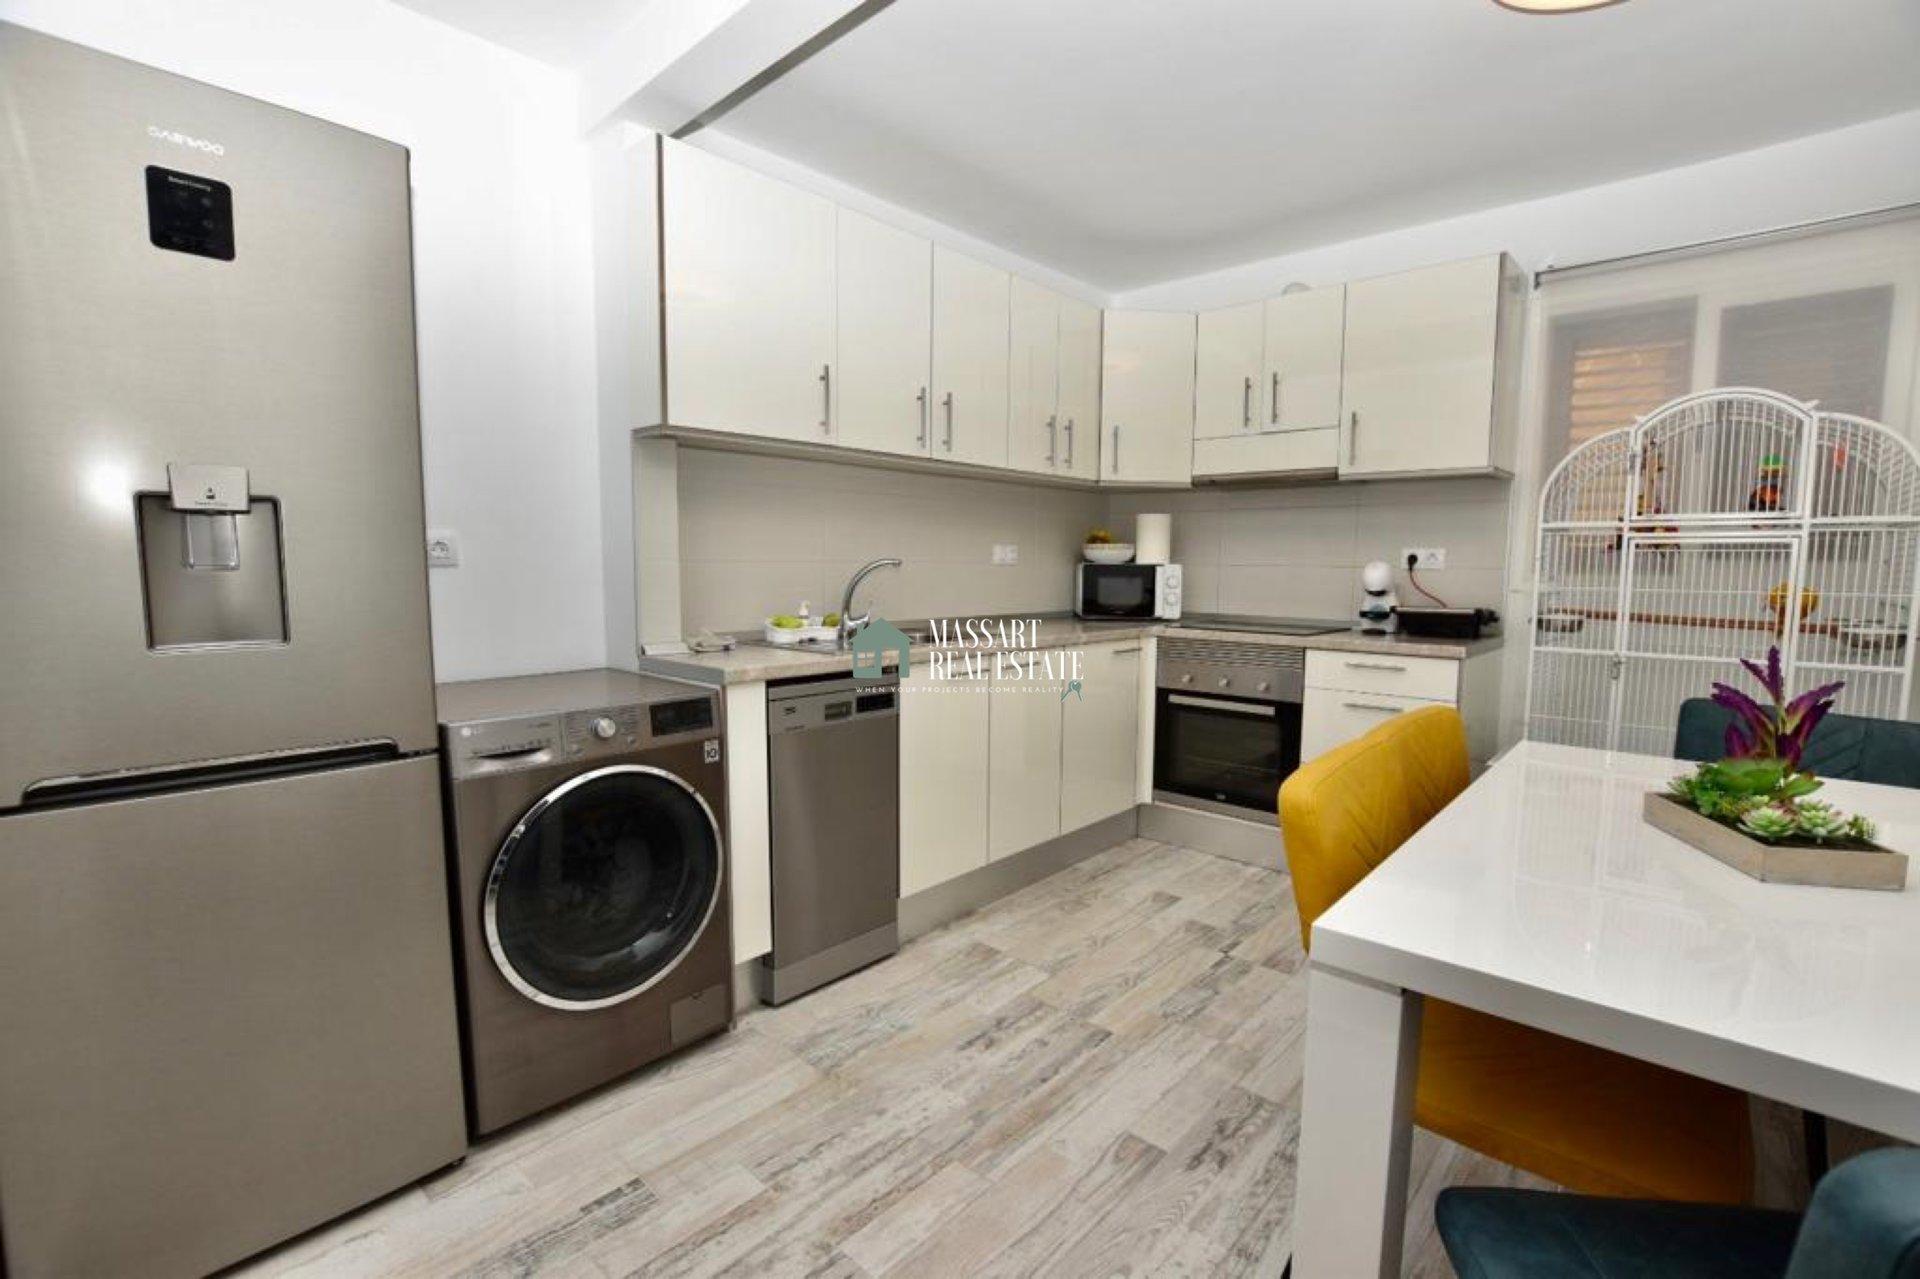 Appartement meublé de 73 m2 situé au rez-de-chaussée dans une zone centrale de Fañabé pueblo (Adeje).